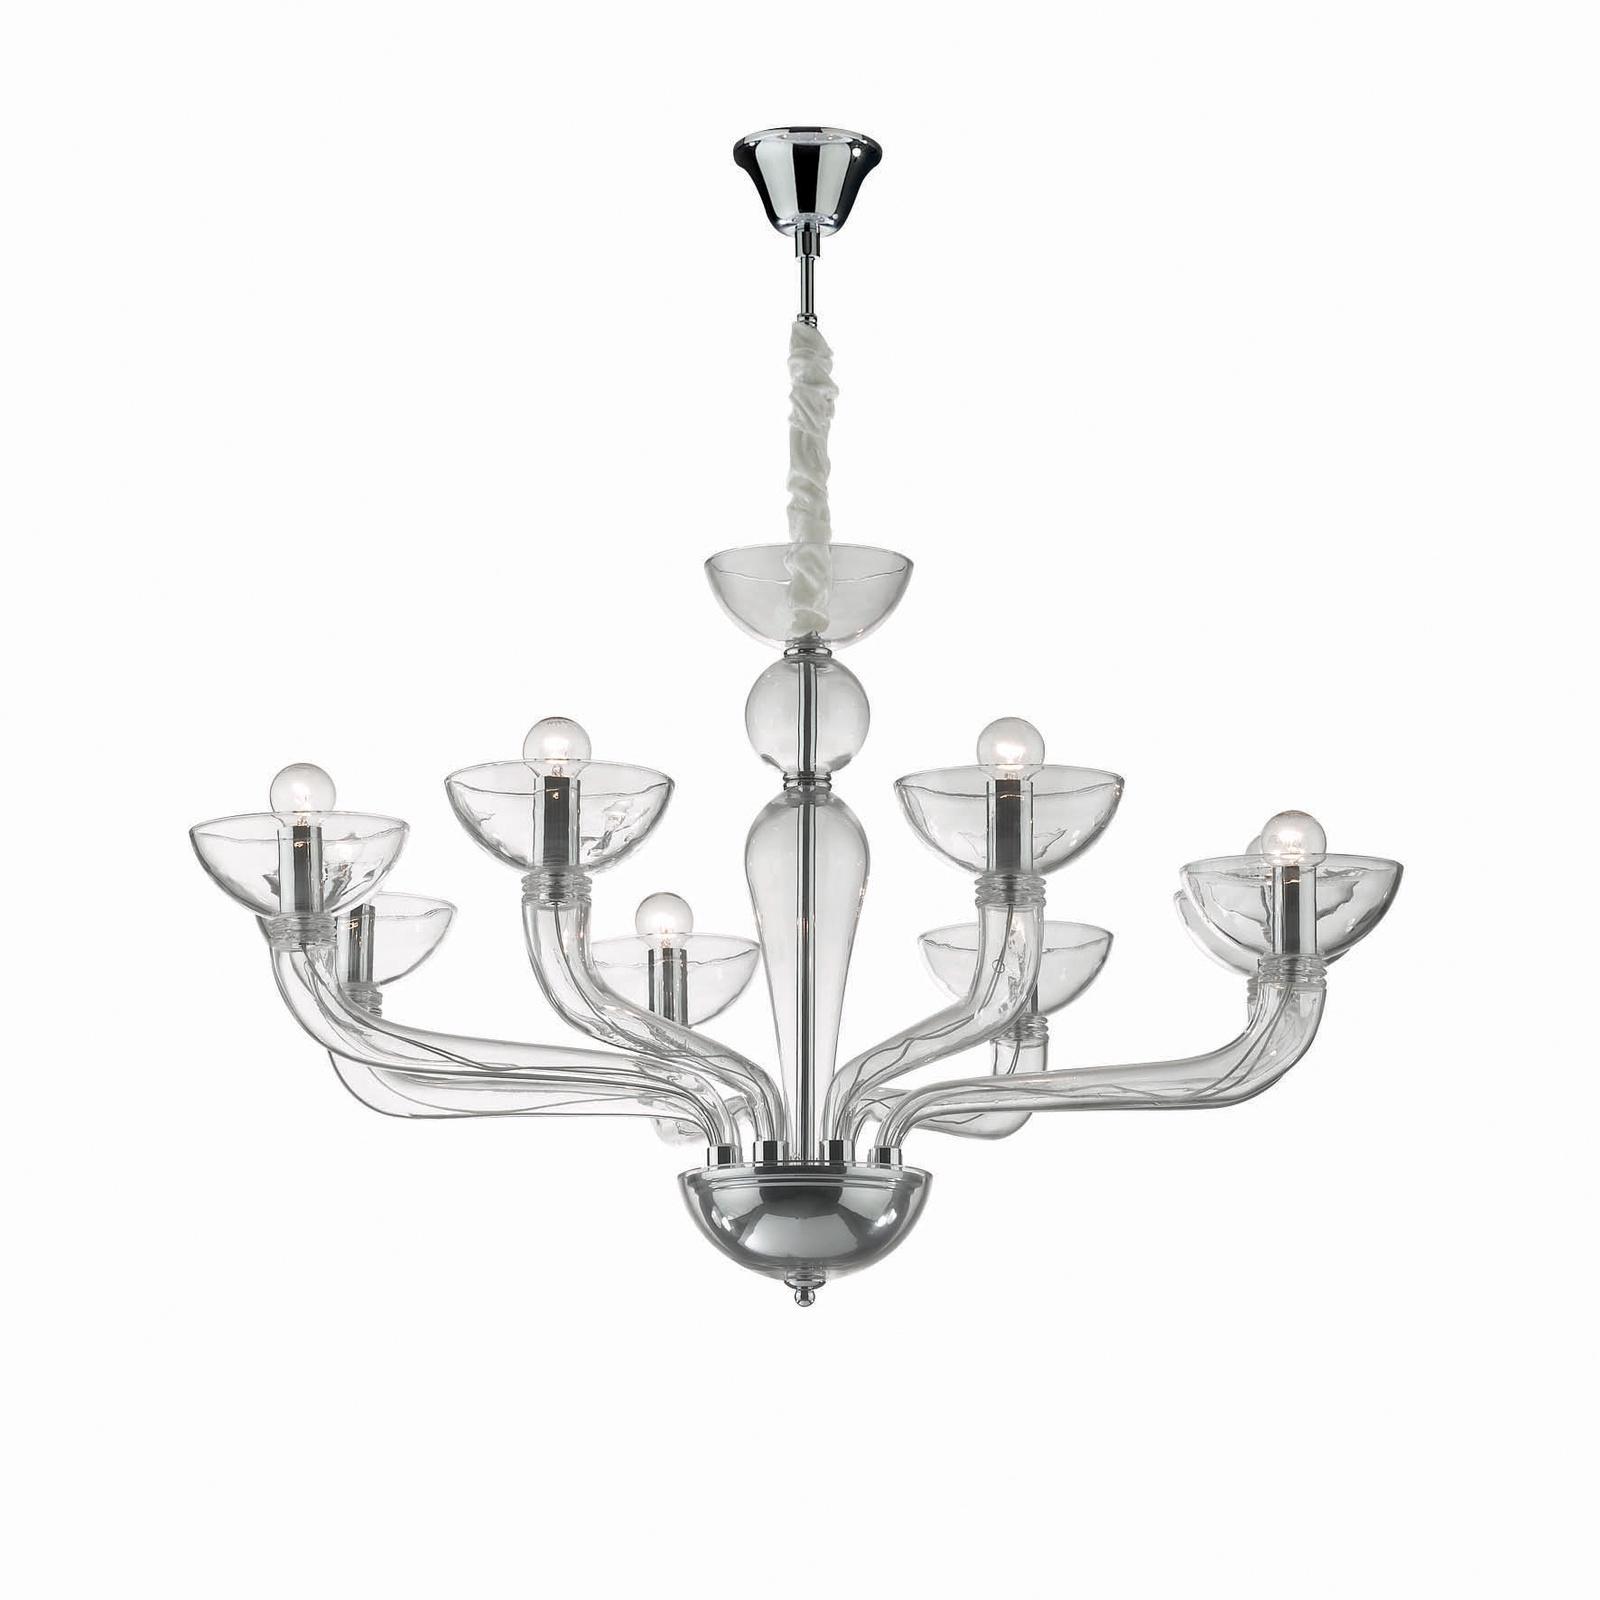 Подвесной светильник Ideal Lux SP8 TRASPARENTE ideal lux подвесная люстра ideal lux casanova sp8 trasparente